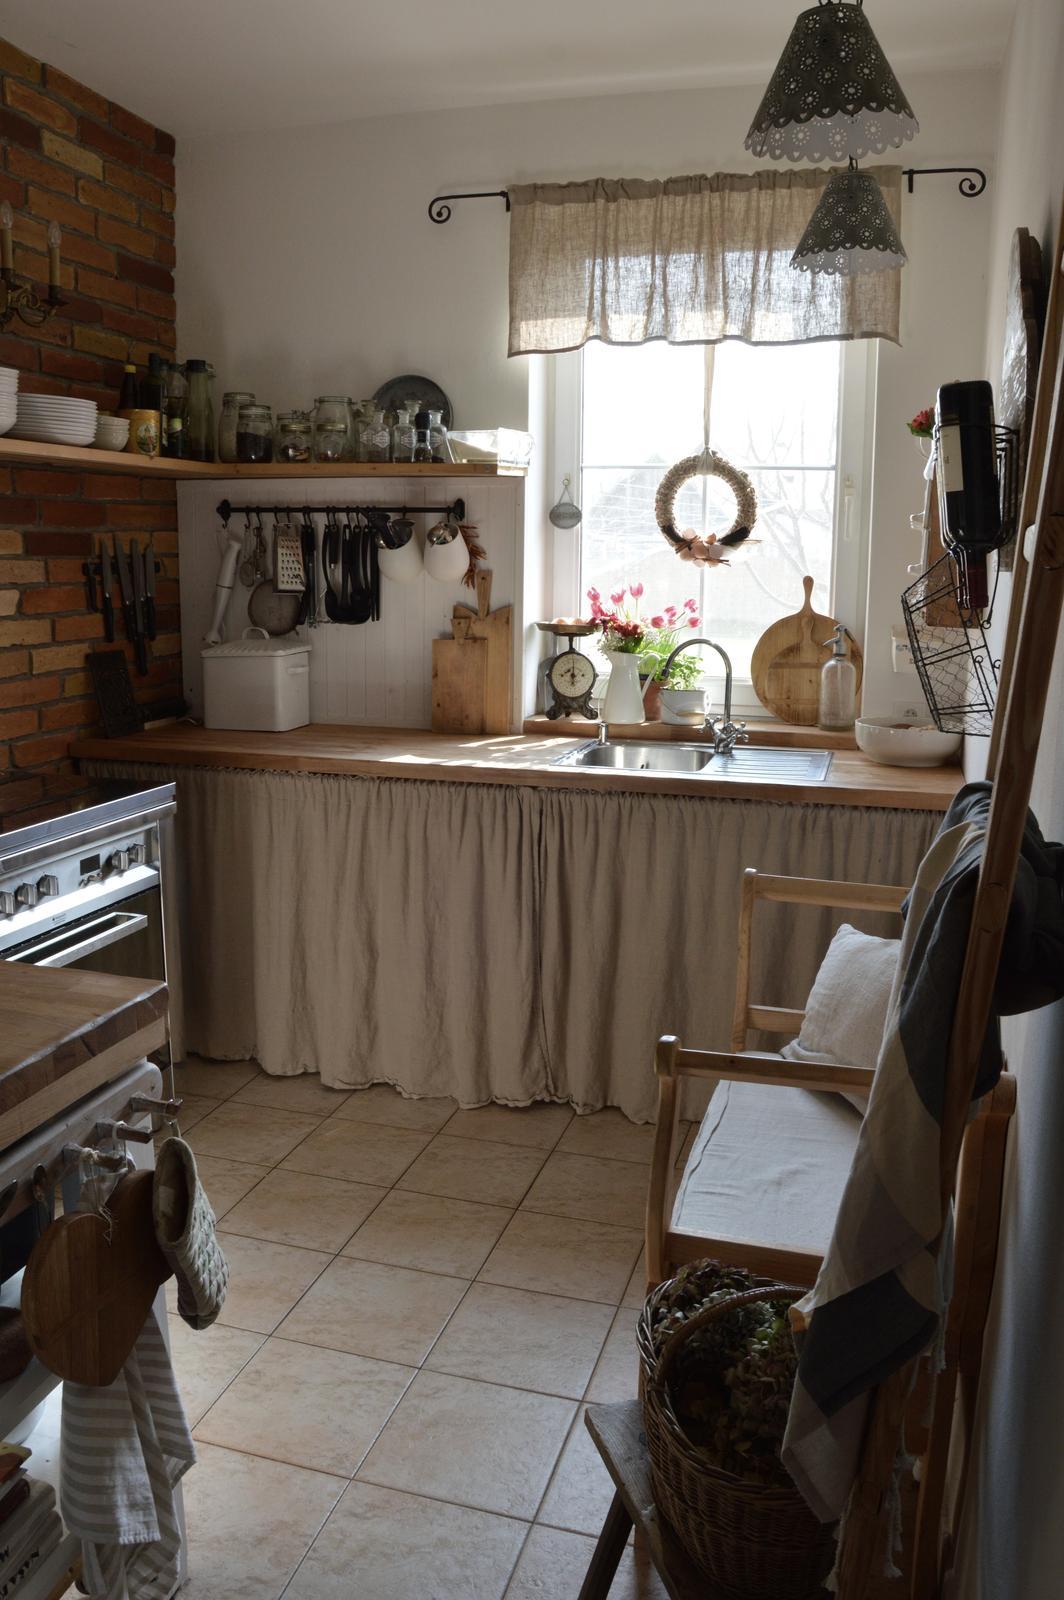 ..kuchyňa podľa mojich predstáv... - ....veľkonočne v kuchyni.....